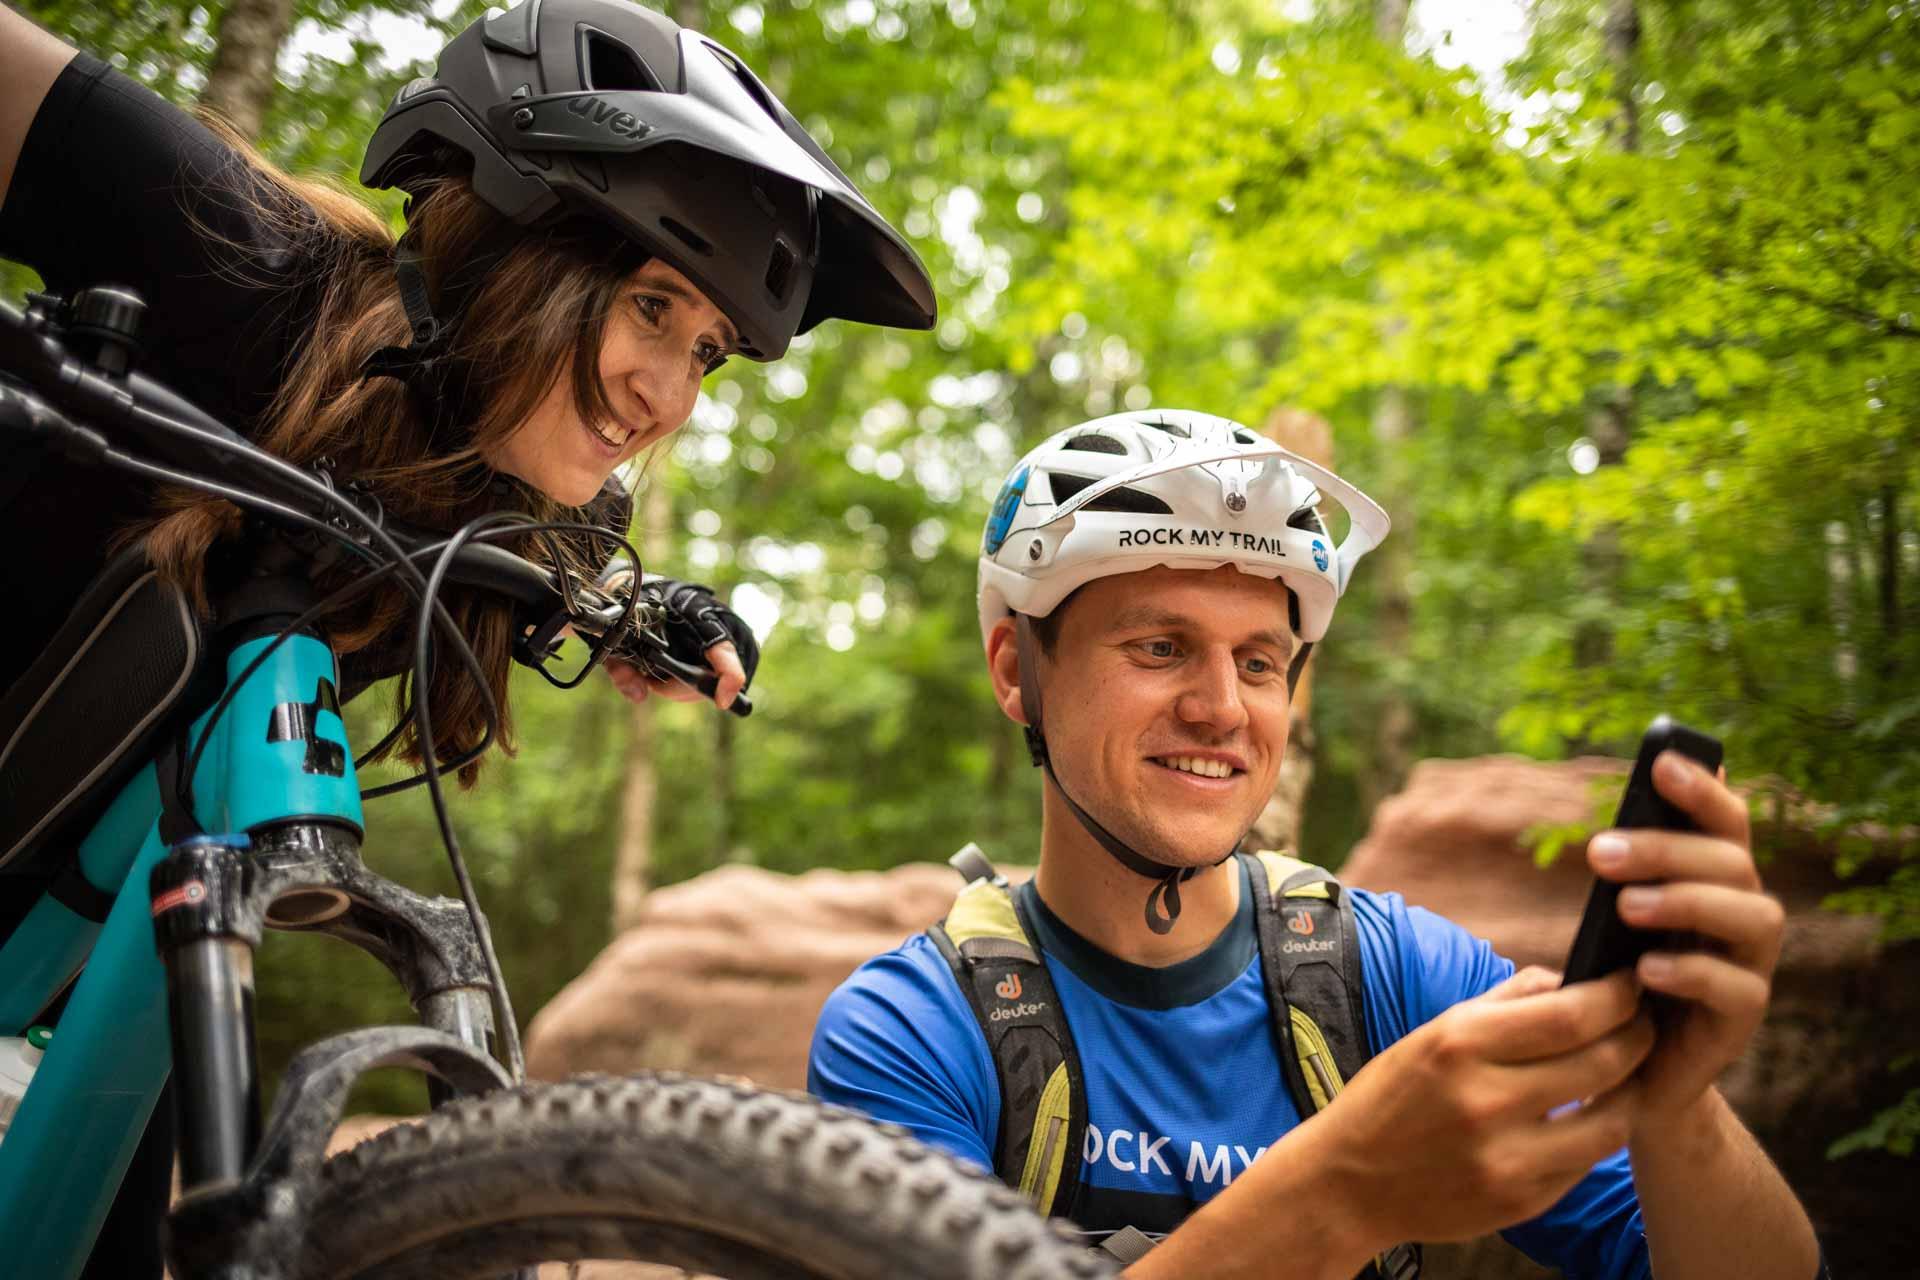 MTB Fahrtechnik Kurs für Einsteiger in Siegburg   Bonn - Mountainbike Basic - Rock my Trail Bikeschule - 18